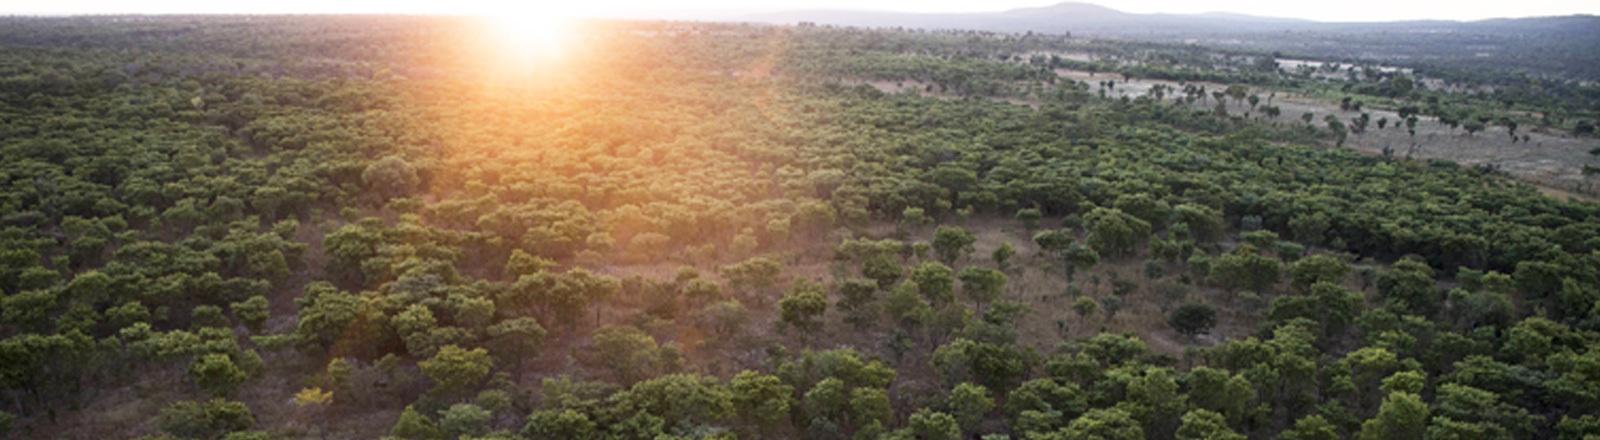 Wald in Nambia von oben fotografiert. Zu sehen ist die